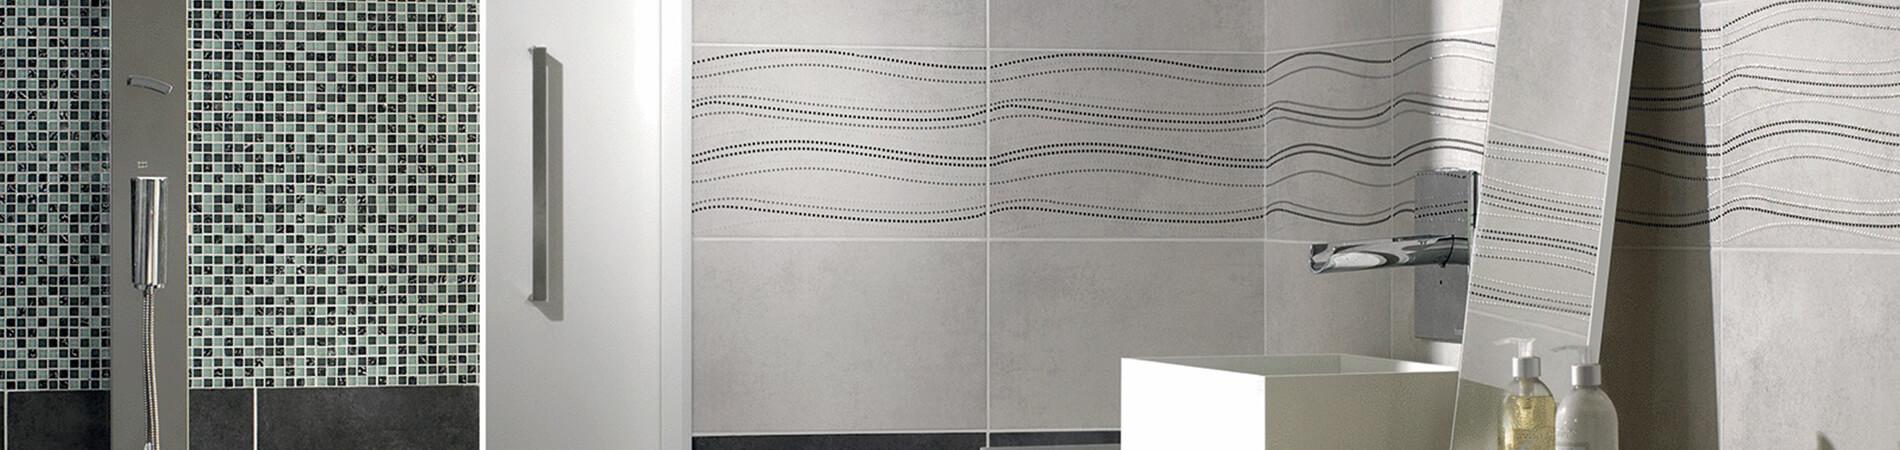 Salle De Bain Travaux De Carrelage Faïence Pose Installation Sanary - Carrelage faience